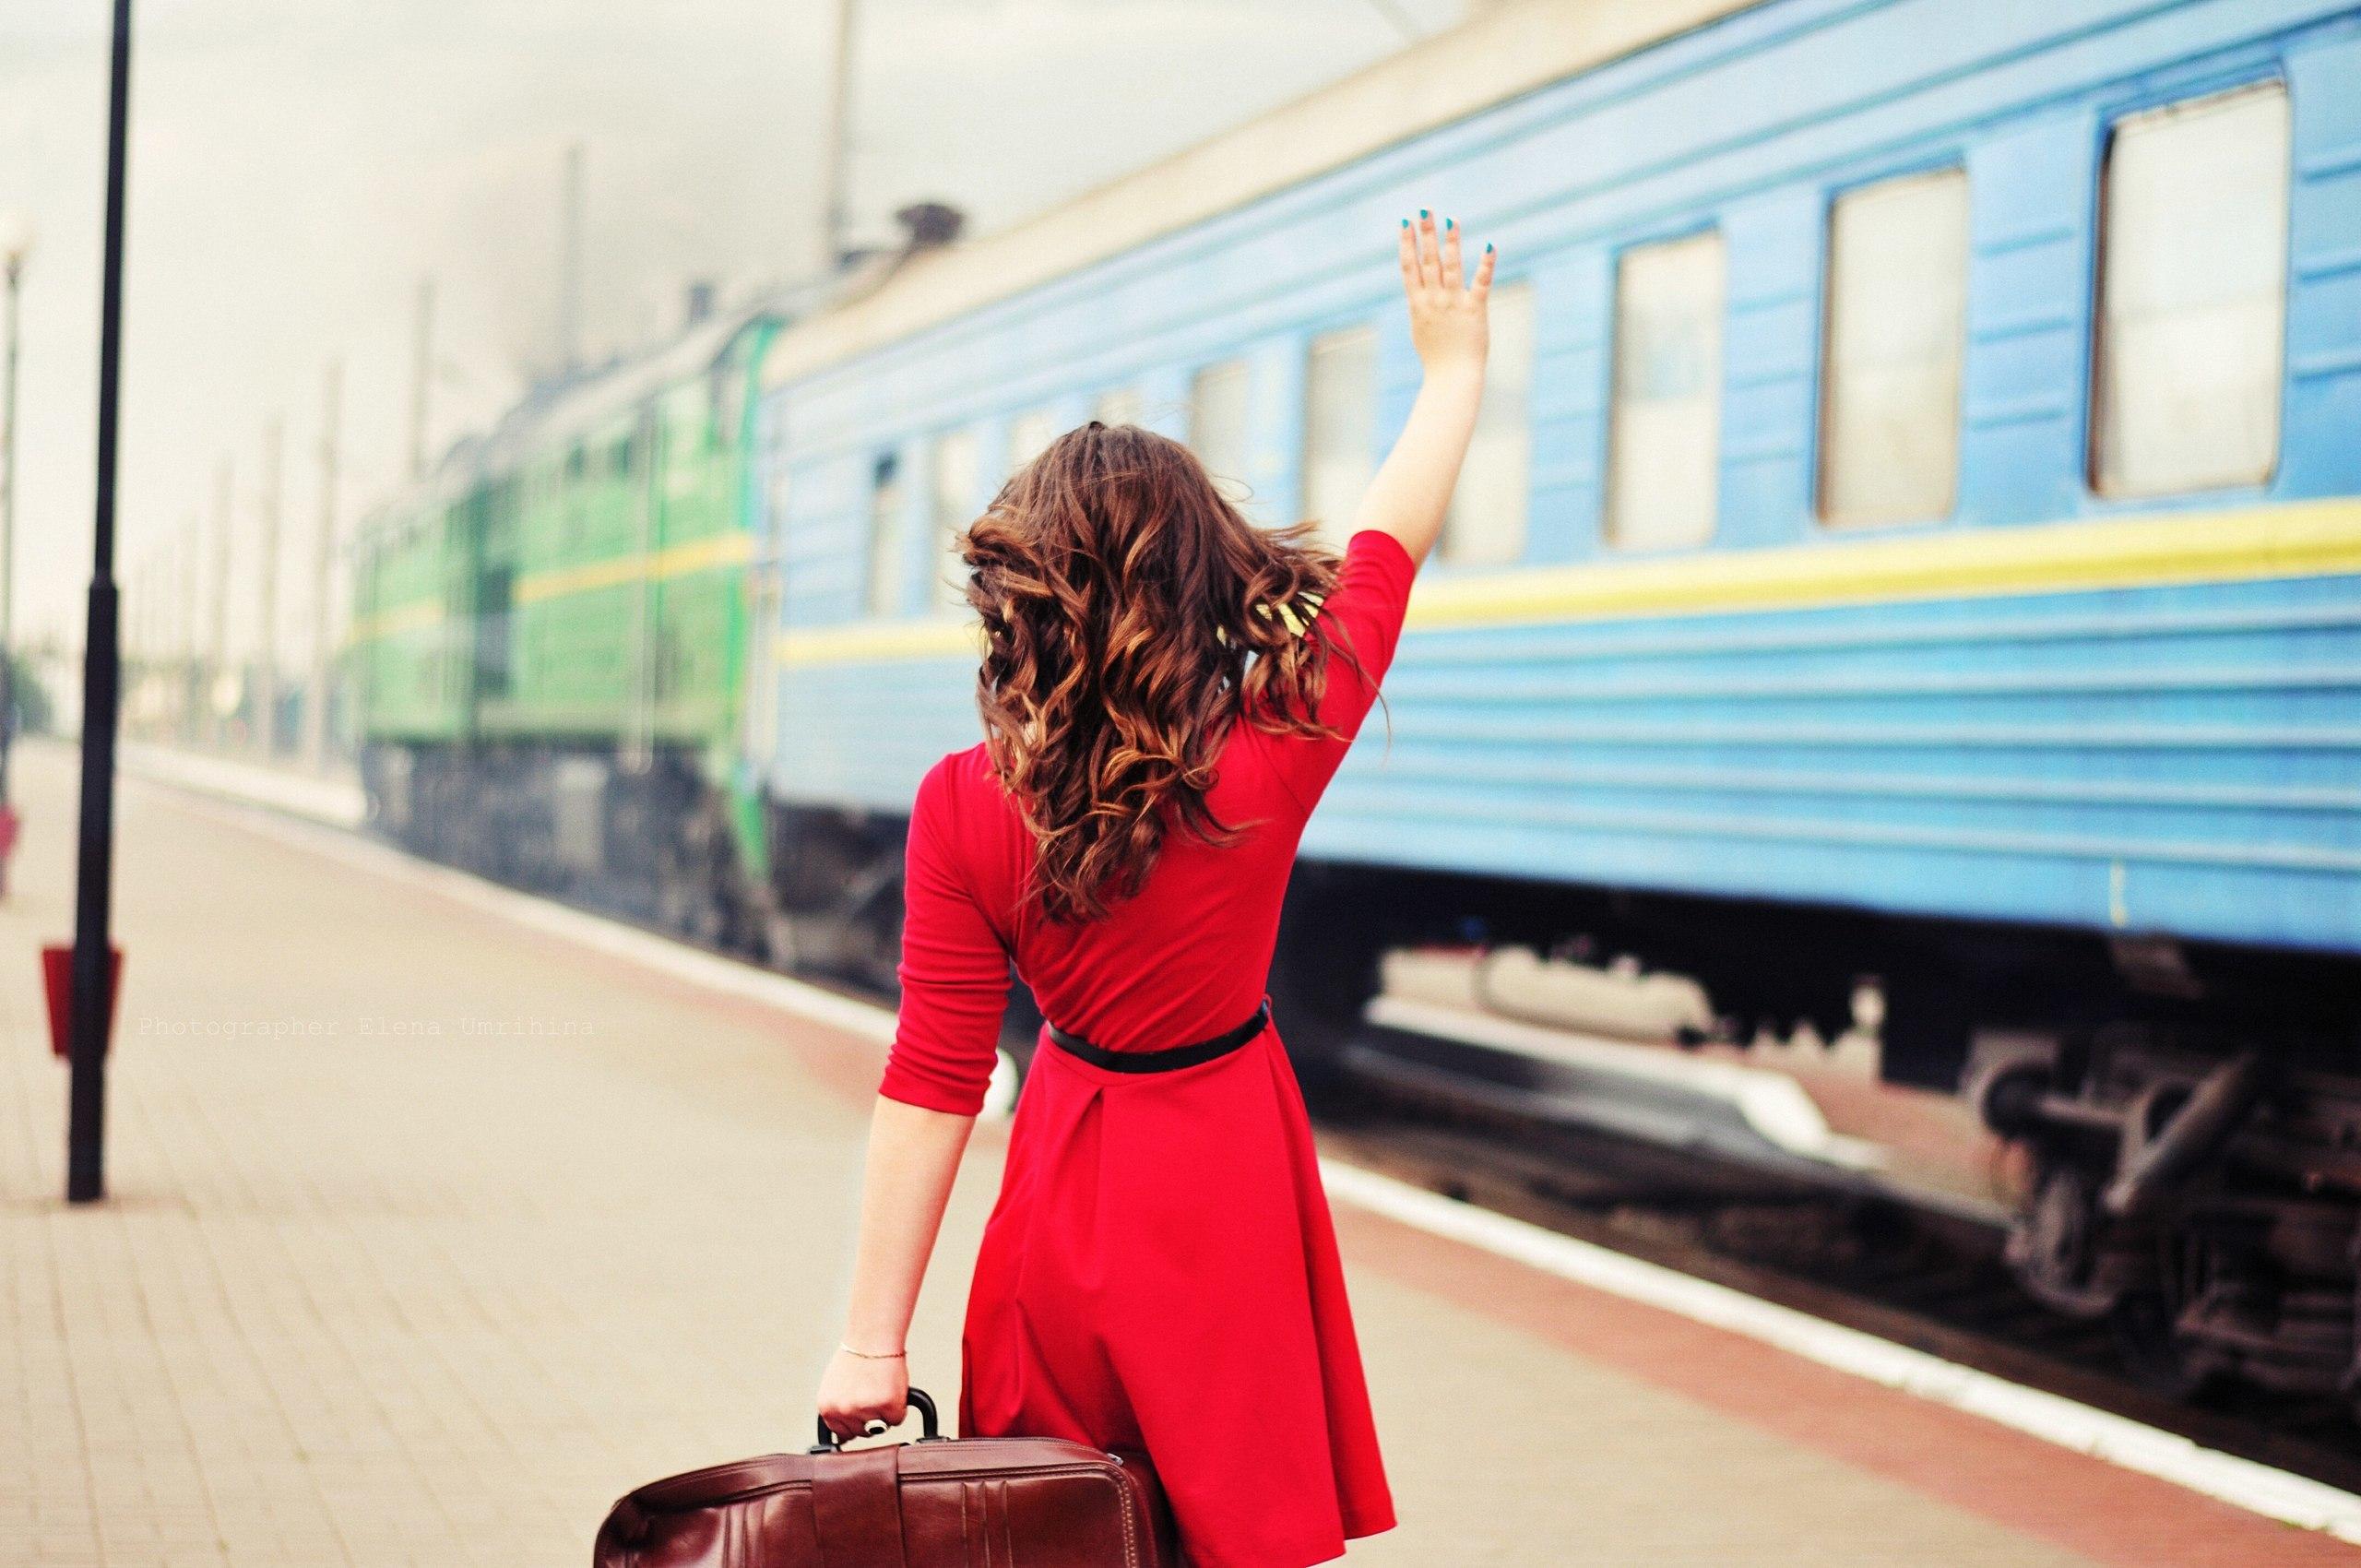 Купив билеты в интернете, жительница Тверской области никуда не уехала